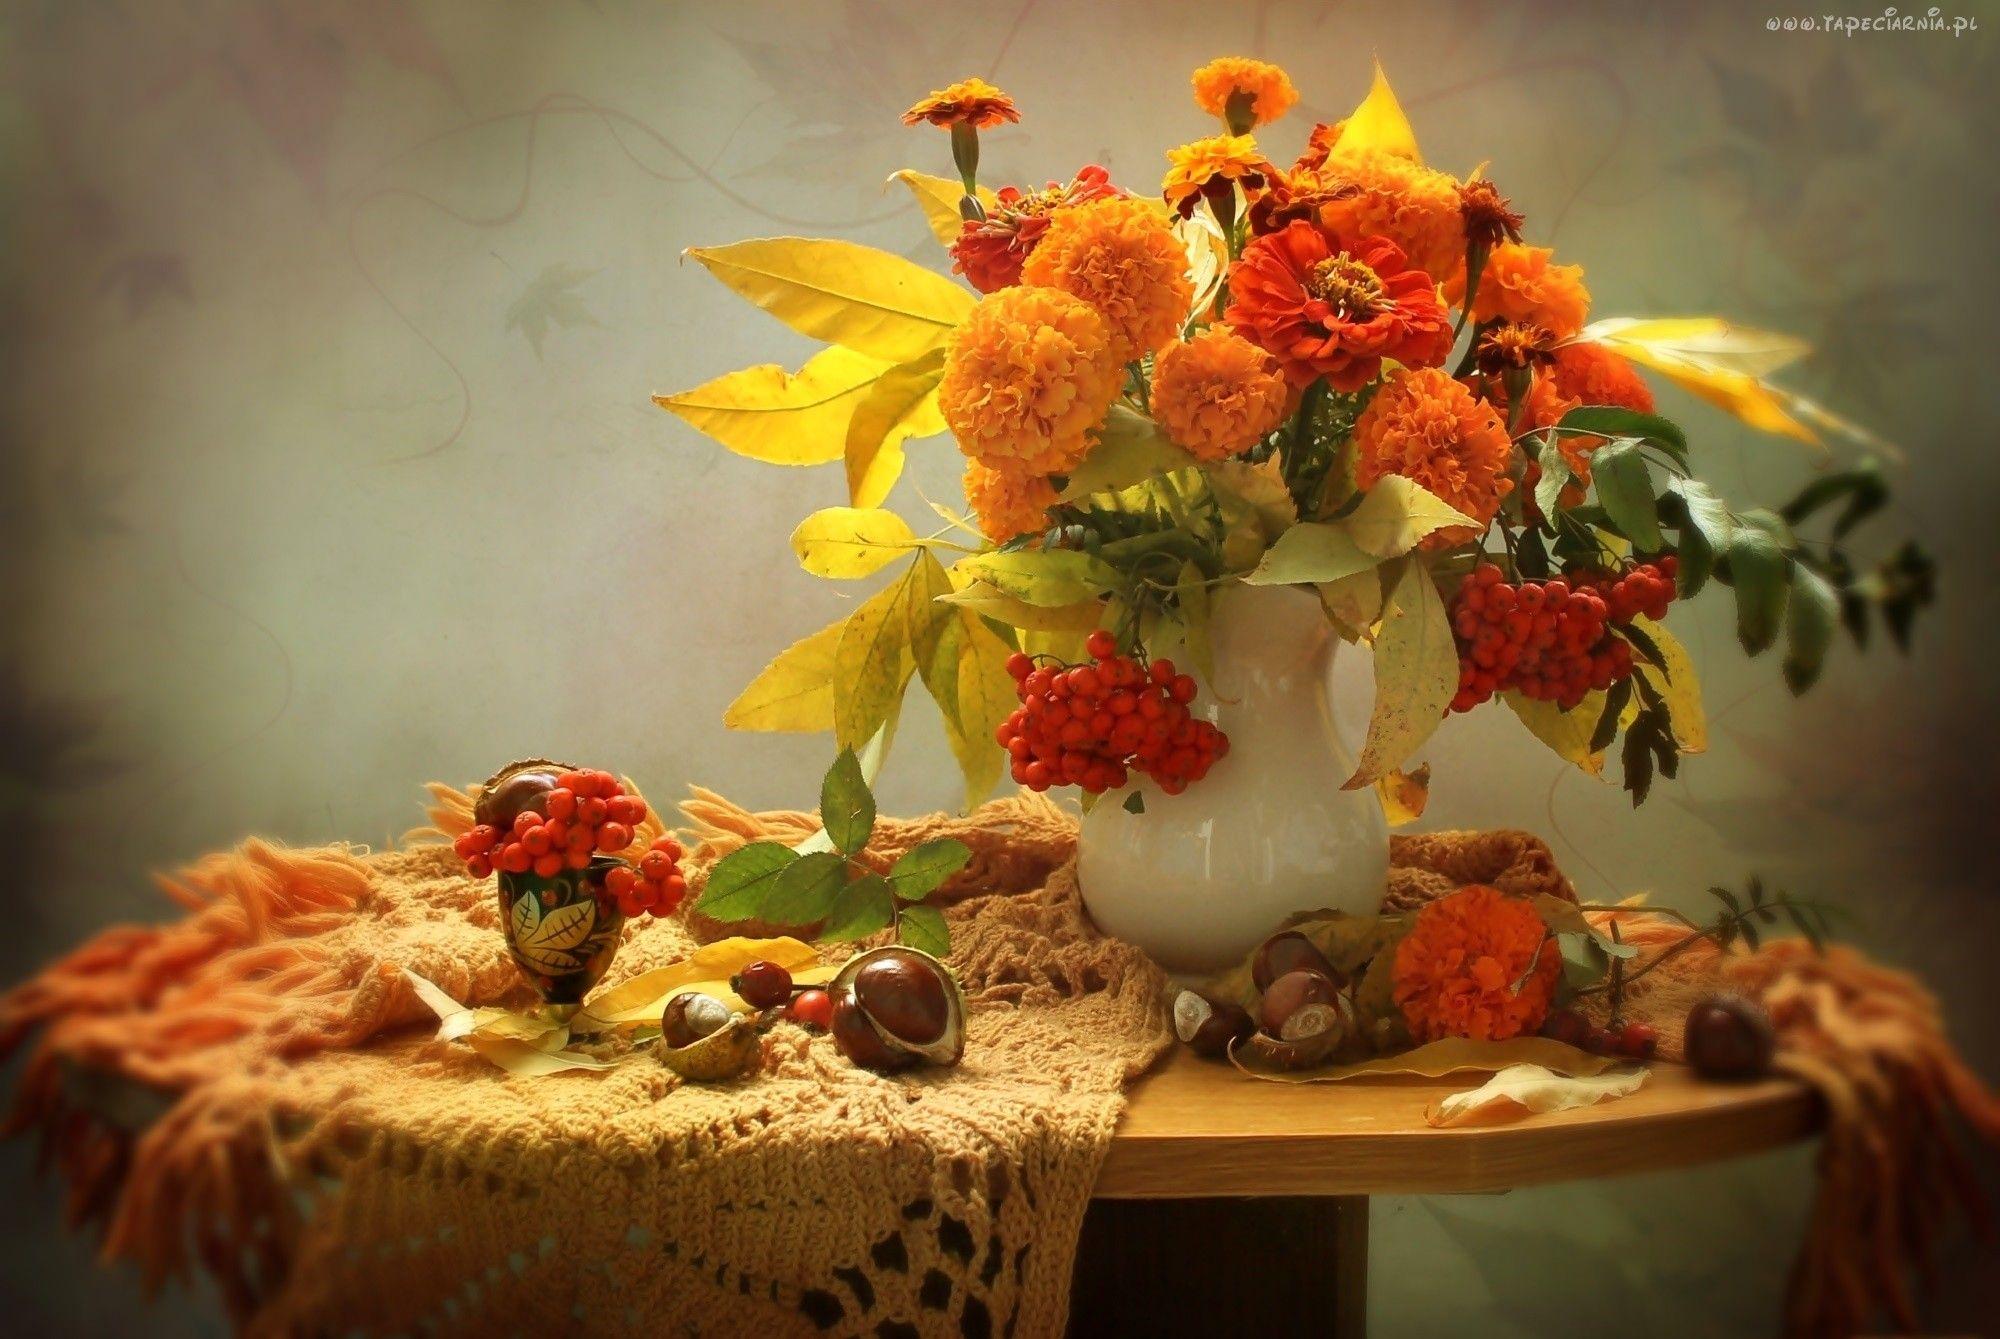 Kwiaty Aksamitki Wazon Jarzebina Liscie Kasztany Kompozycja